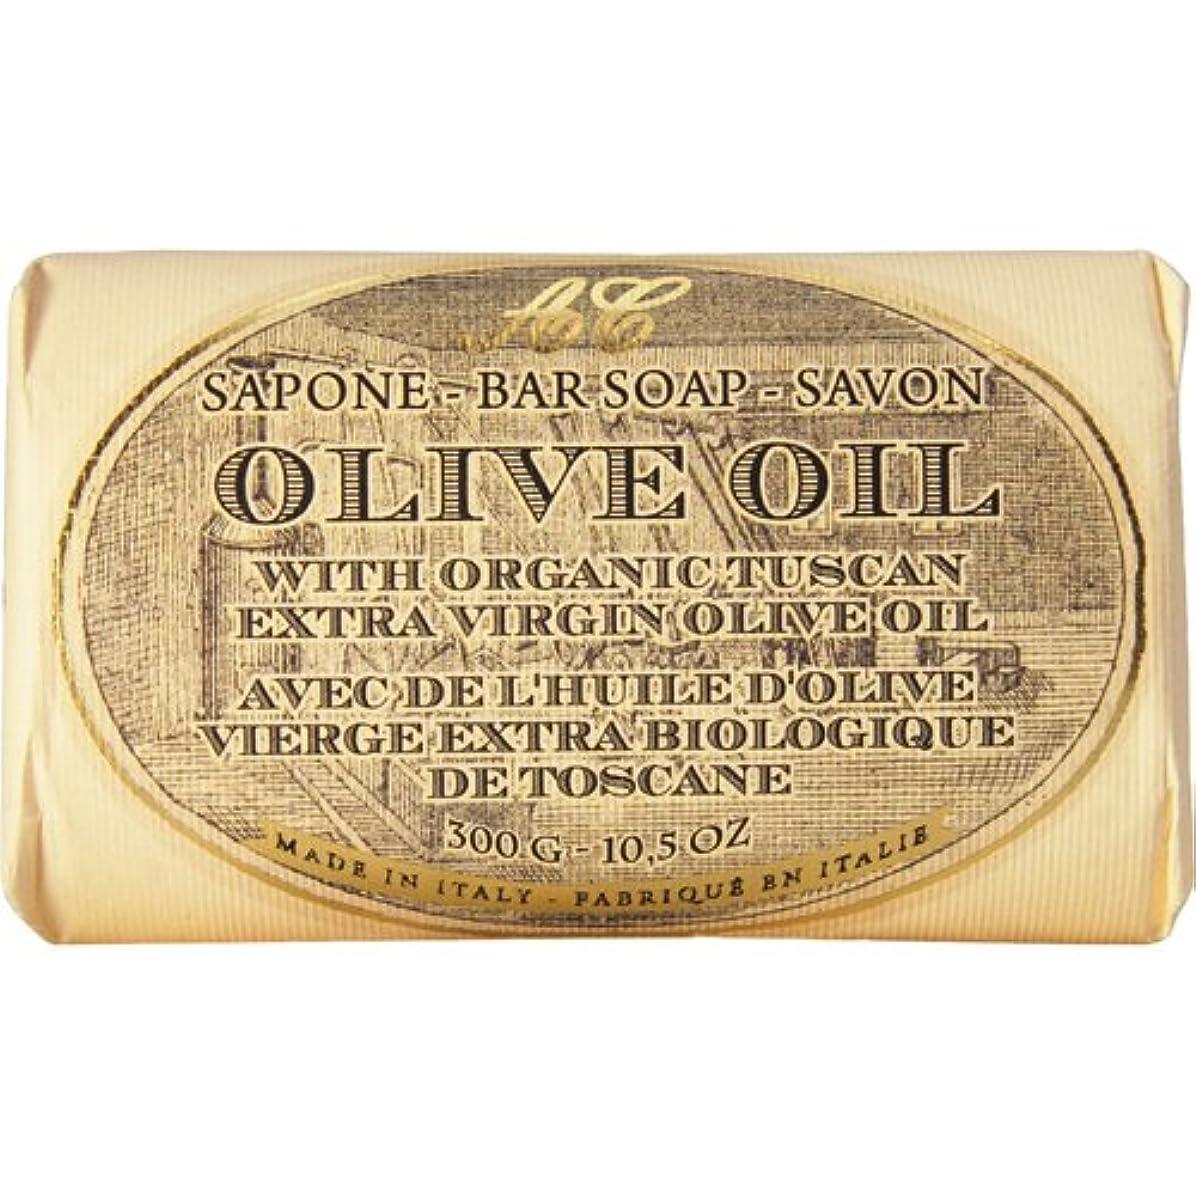 言及する仲間責任者Saponerire Fissi レトロシリーズ Bar Soap バーソープ 300g Olive Oil オリーブオイル